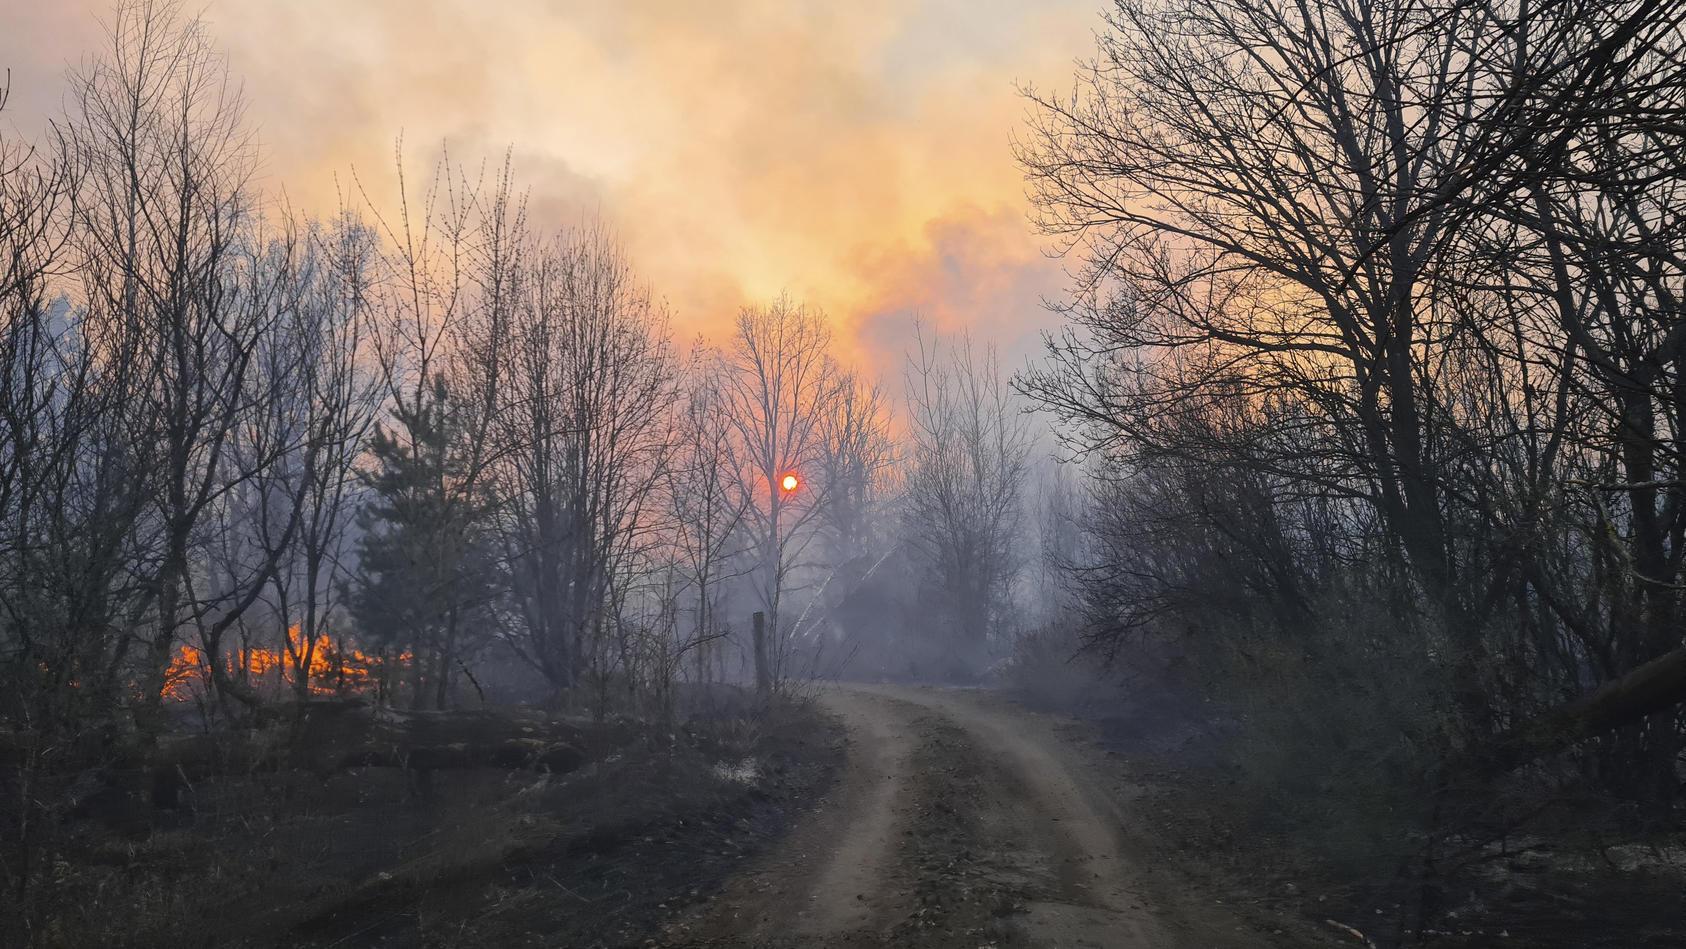 Die Brände in radioaktiv verstrahlten Wäldern um das havarierte Kernkraftwerk Tschernobyl sind weiterhin nicht unter Kontrolle.